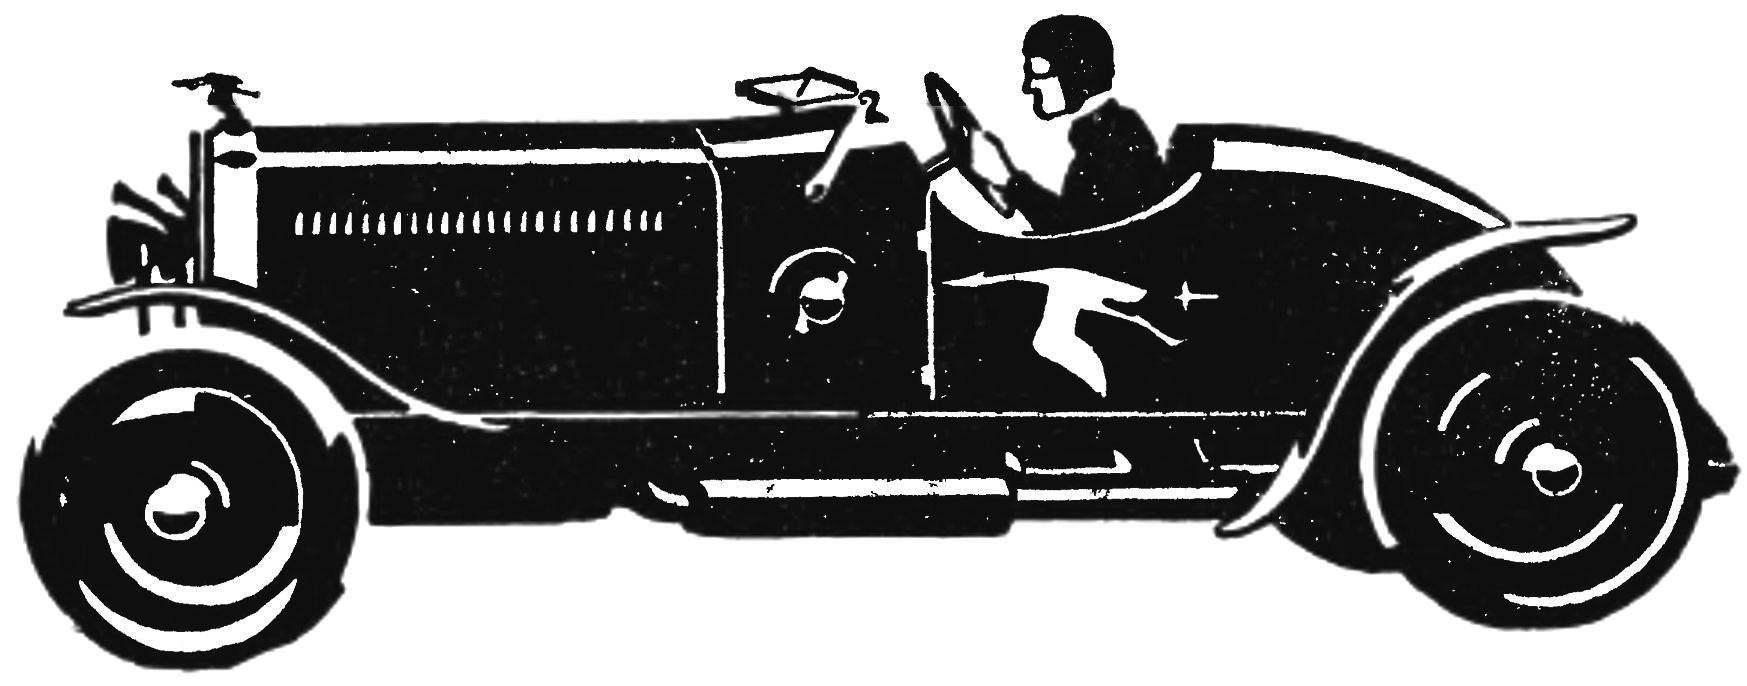 Спортивная «Испано-сюиза-монца» (1922 г.).